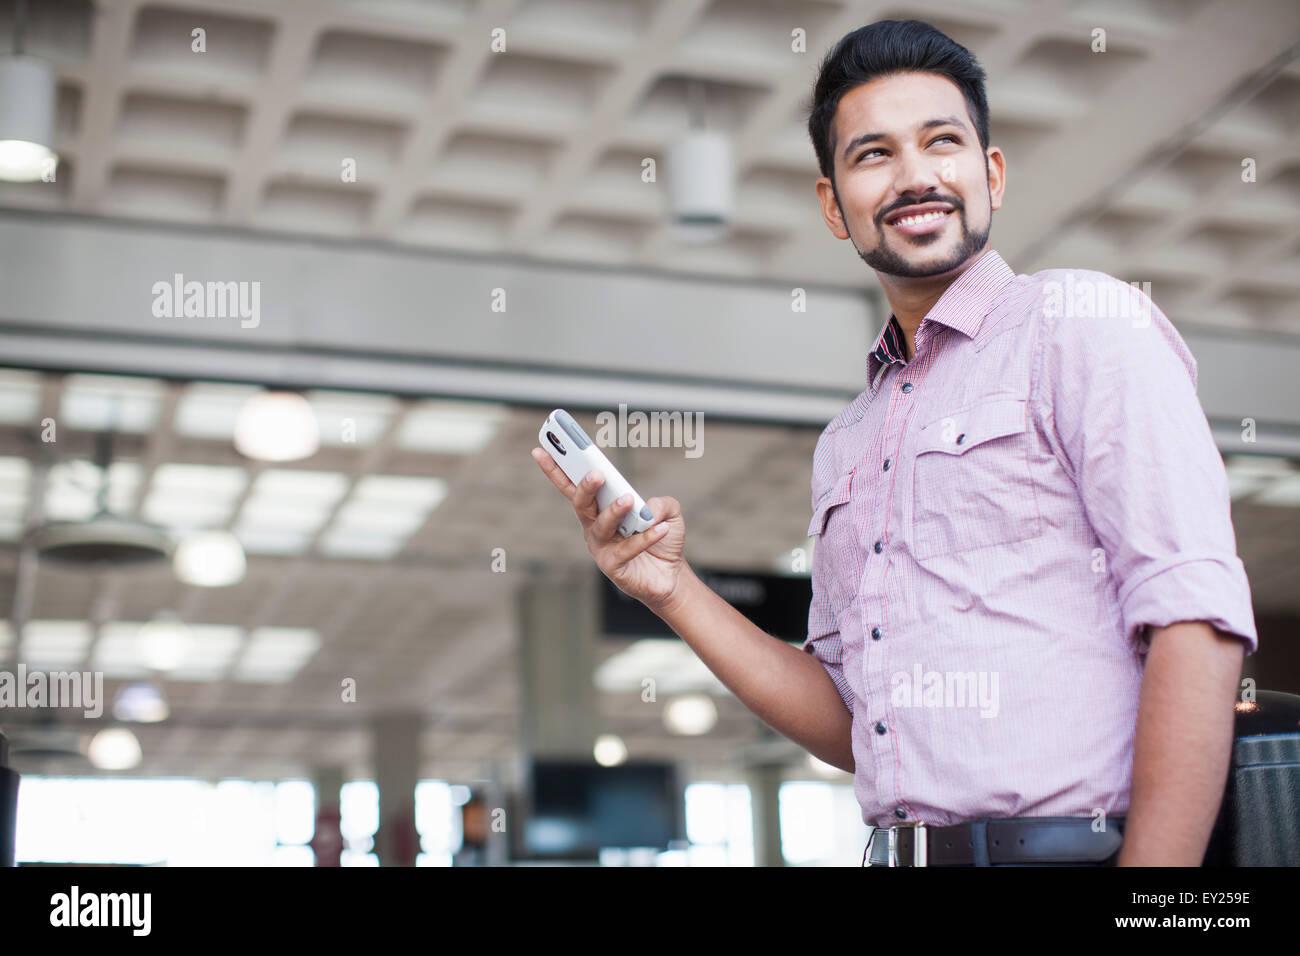 Ángulo de visión baja de joven con smartphone en estación de tren Imagen De Stock